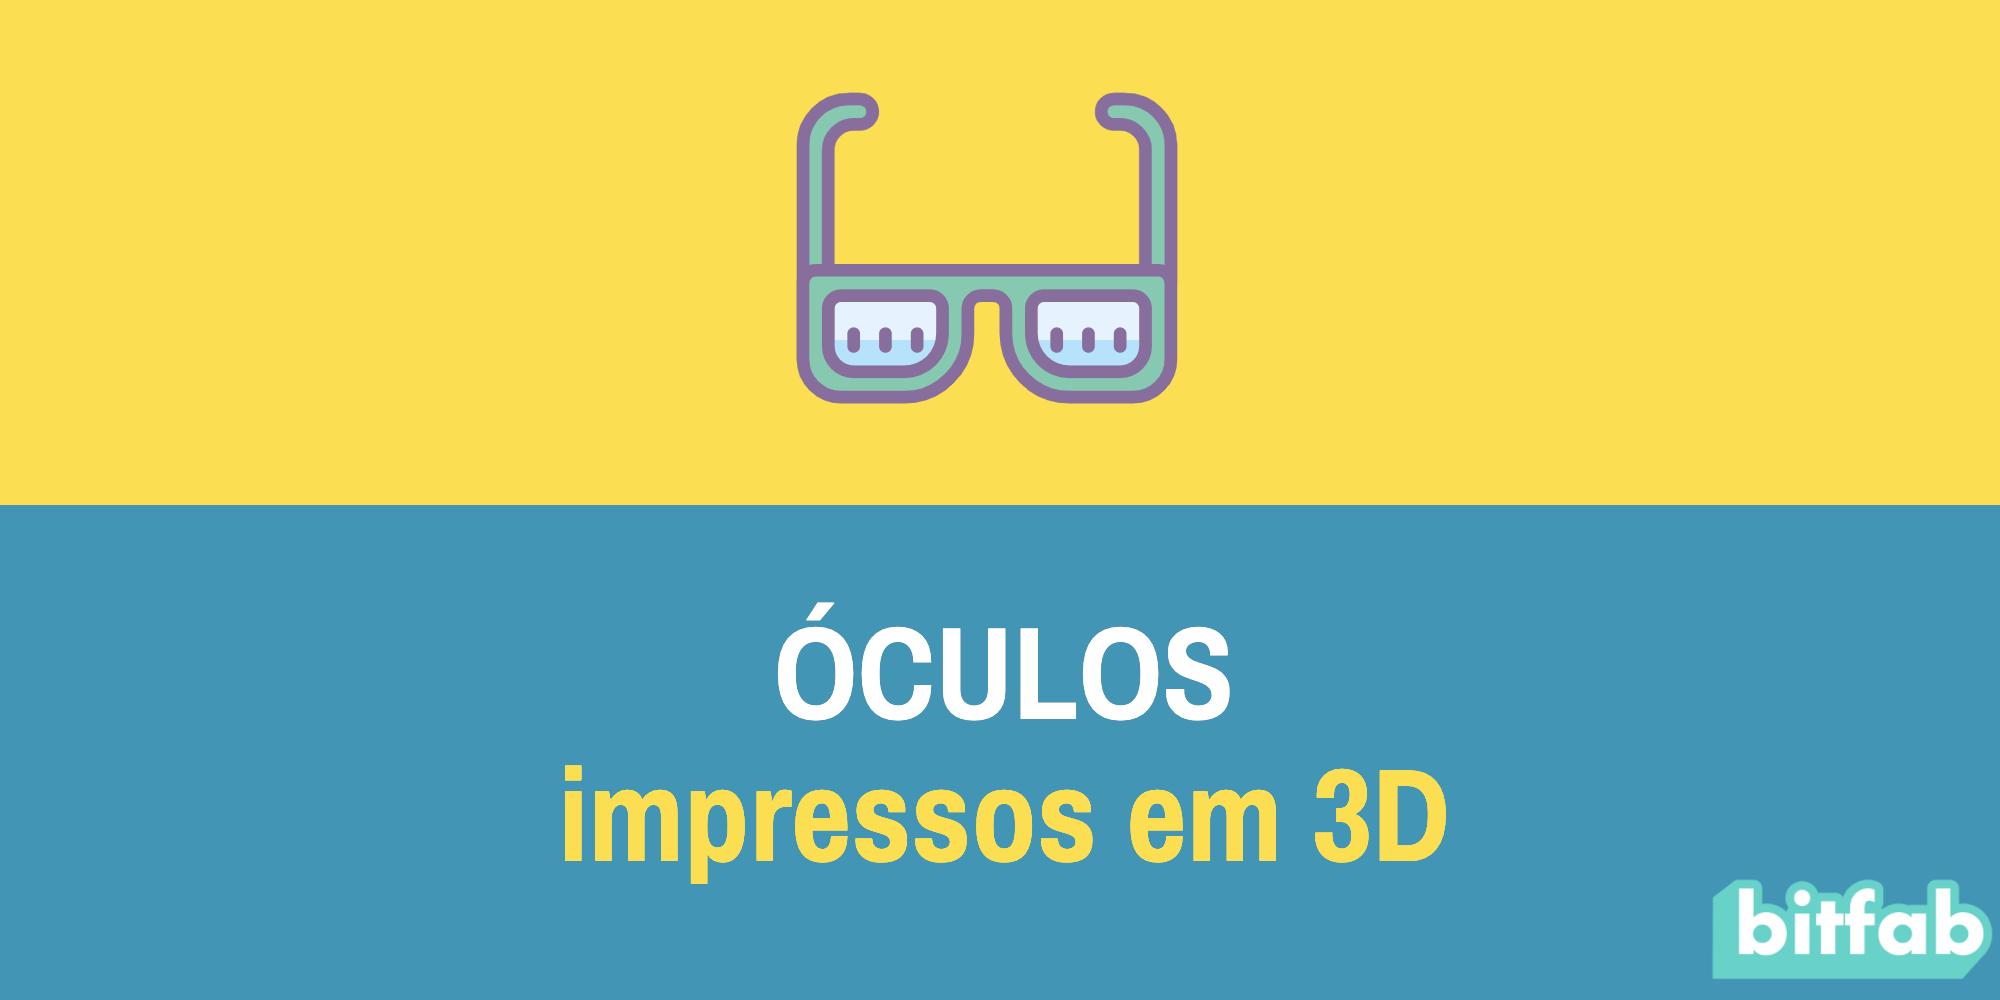 oculos impressos em 3d